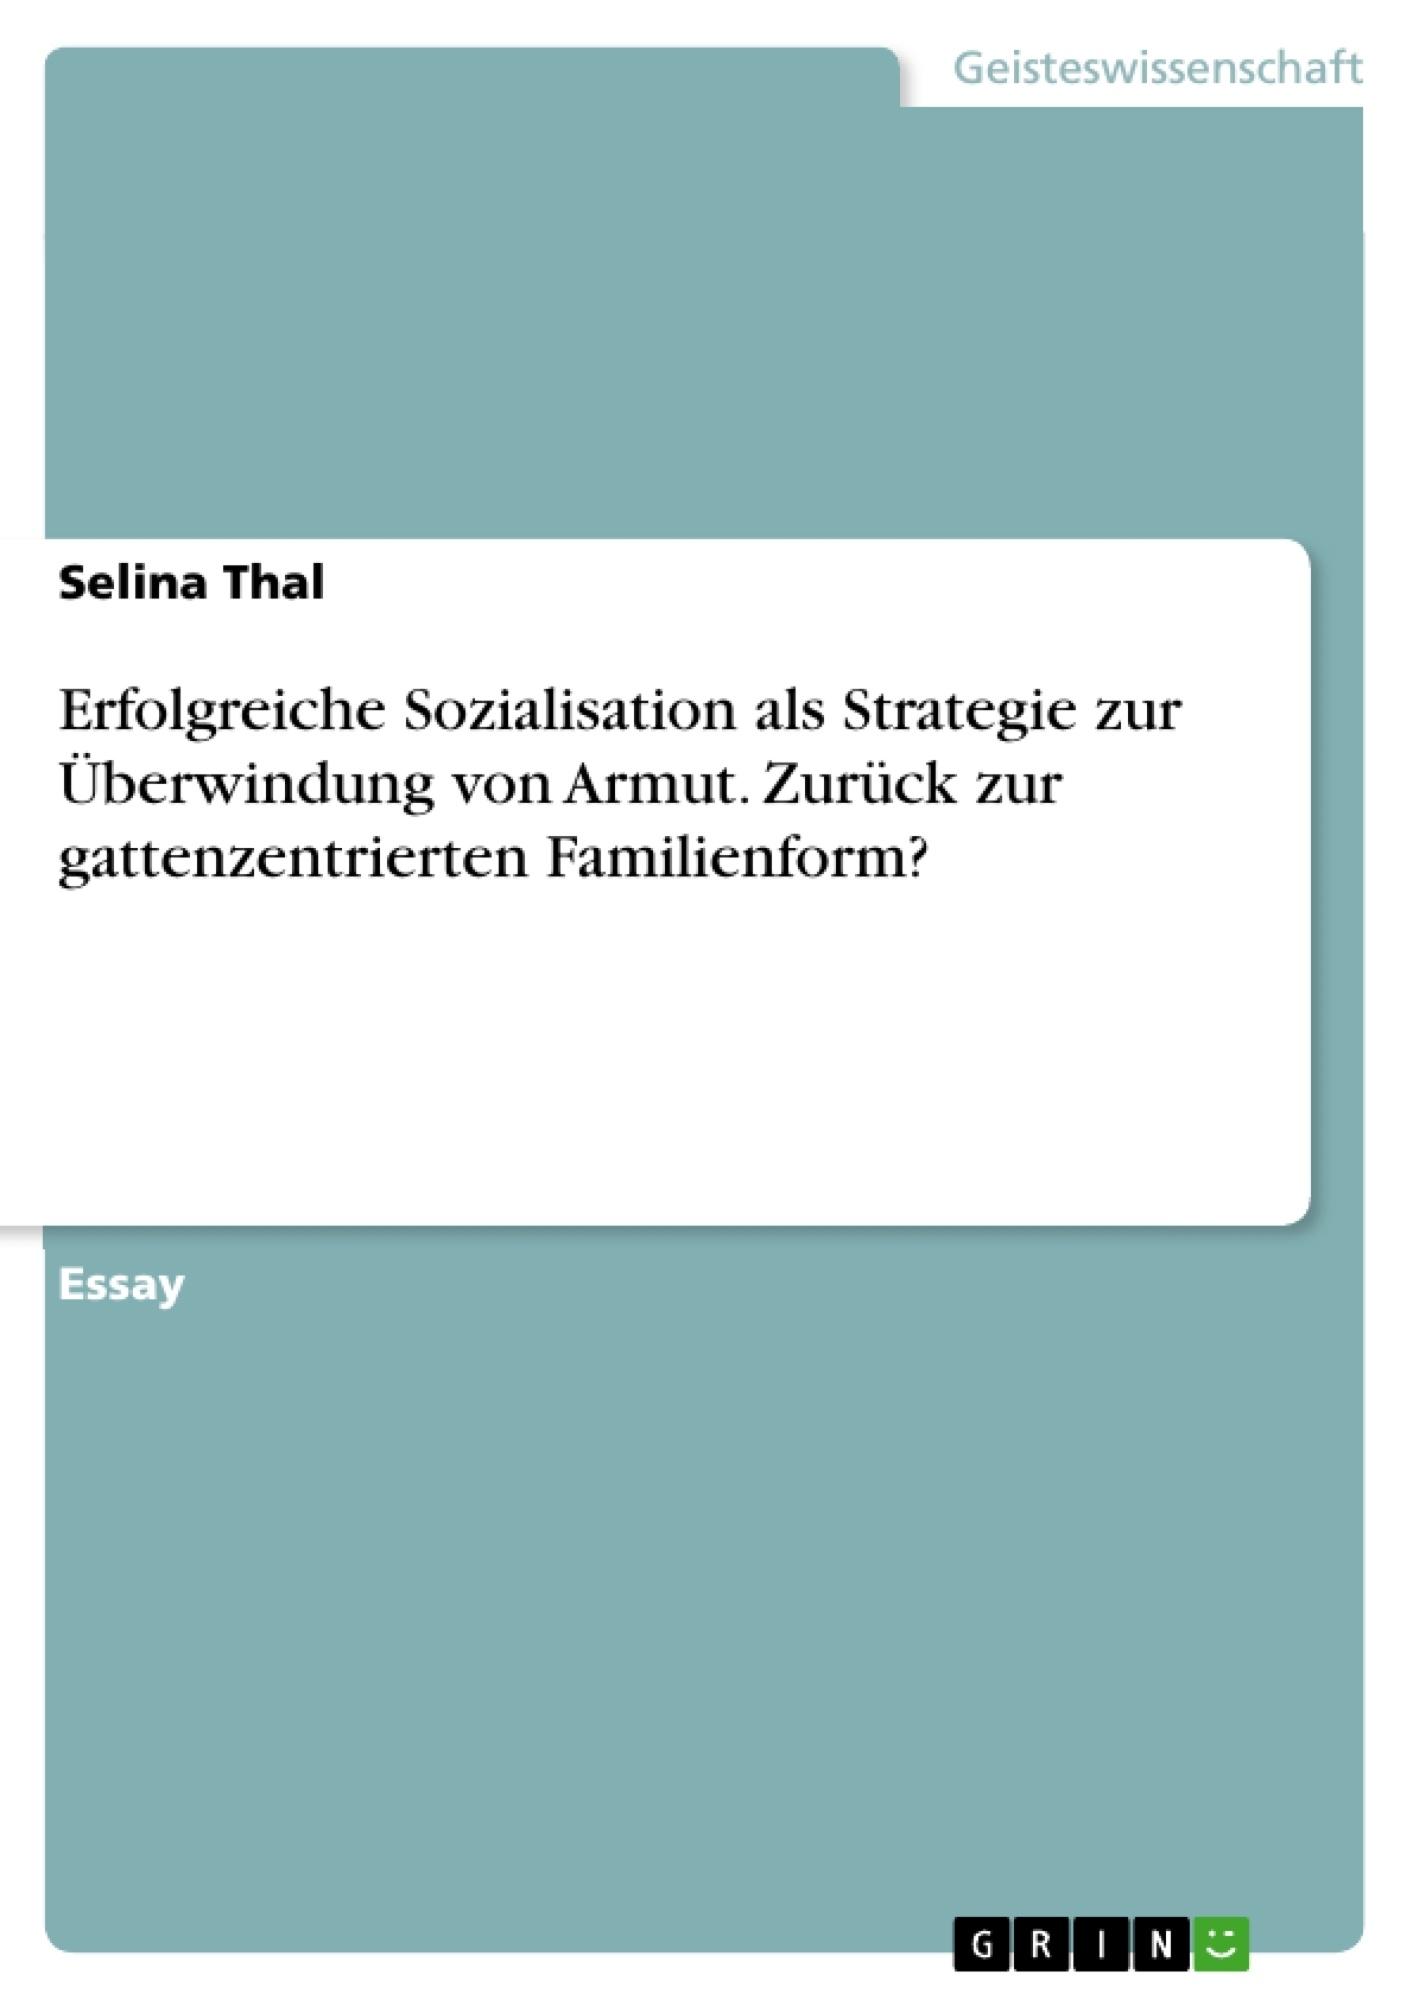 Titel: Erfolgreiche Sozialisation als Strategie zur Überwindung von Armut. Zurück zur gattenzentrierten Familienform?